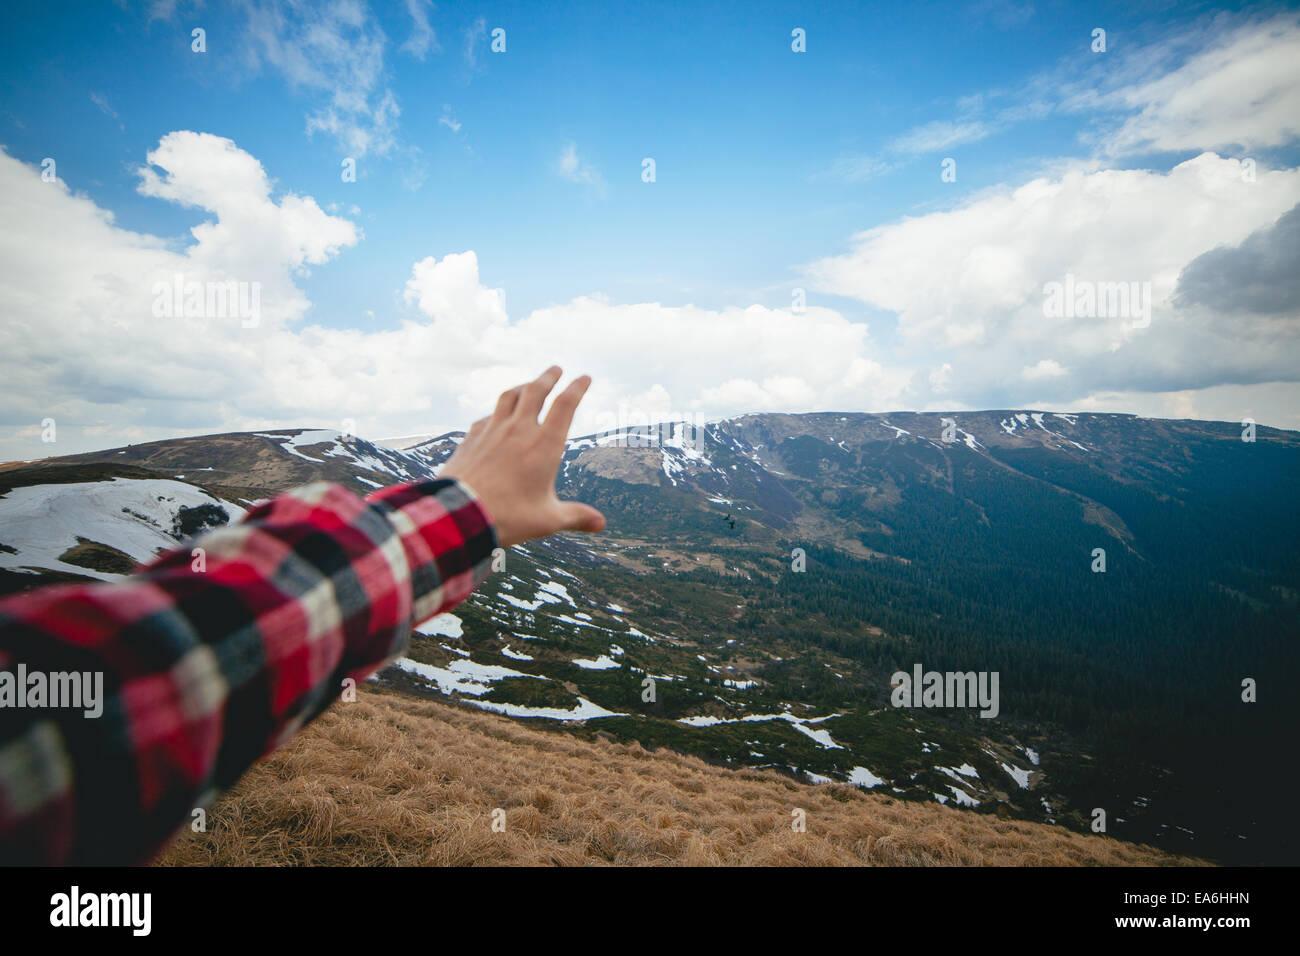 Pintoresco paisaje con mano humana en primer plano Imagen De Stock